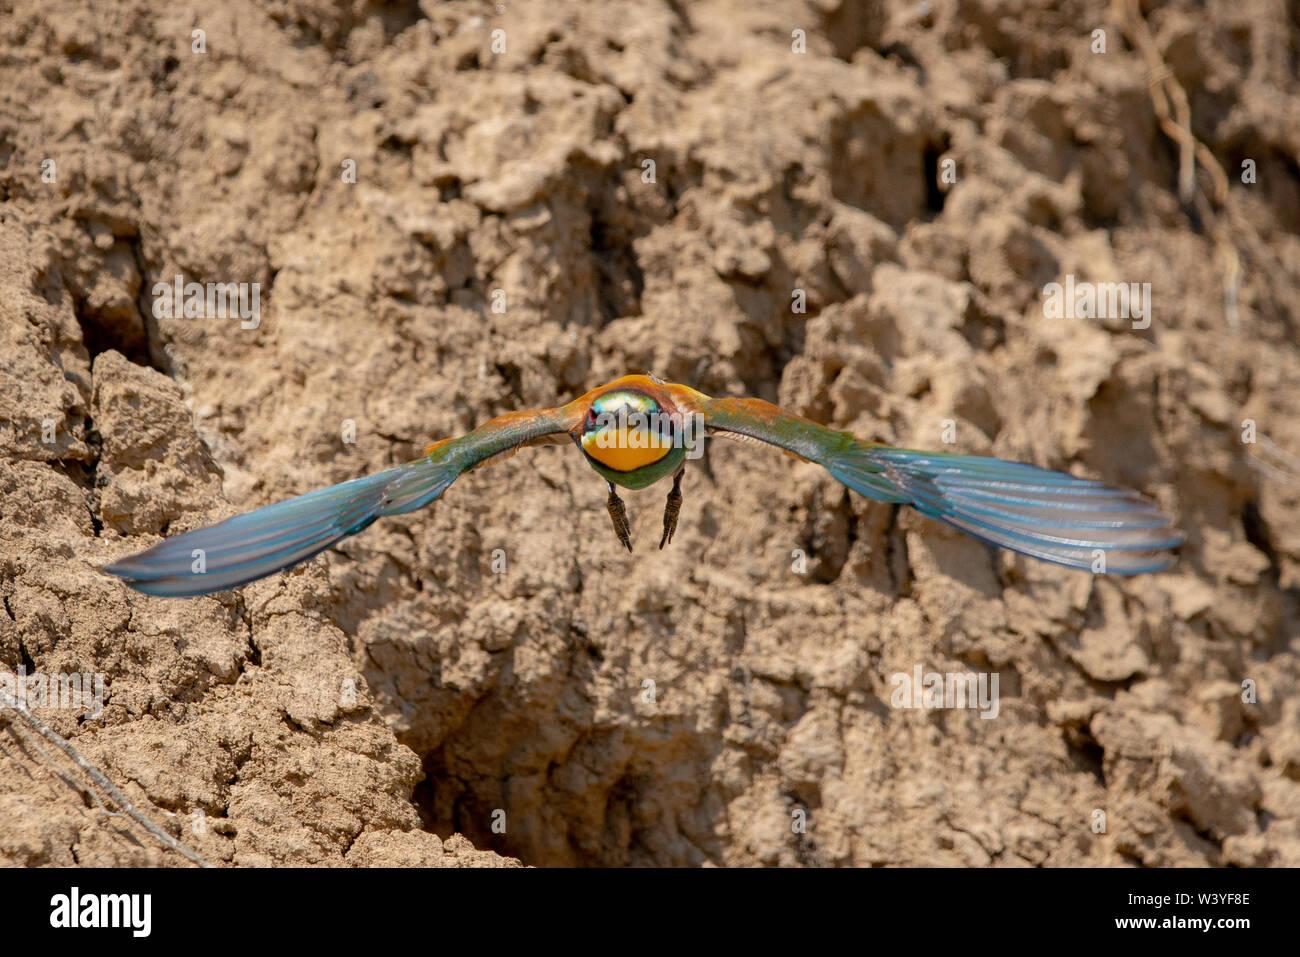 El Abejaruco Europeo o Merops apiaster en hábitat natural. Foto de stock